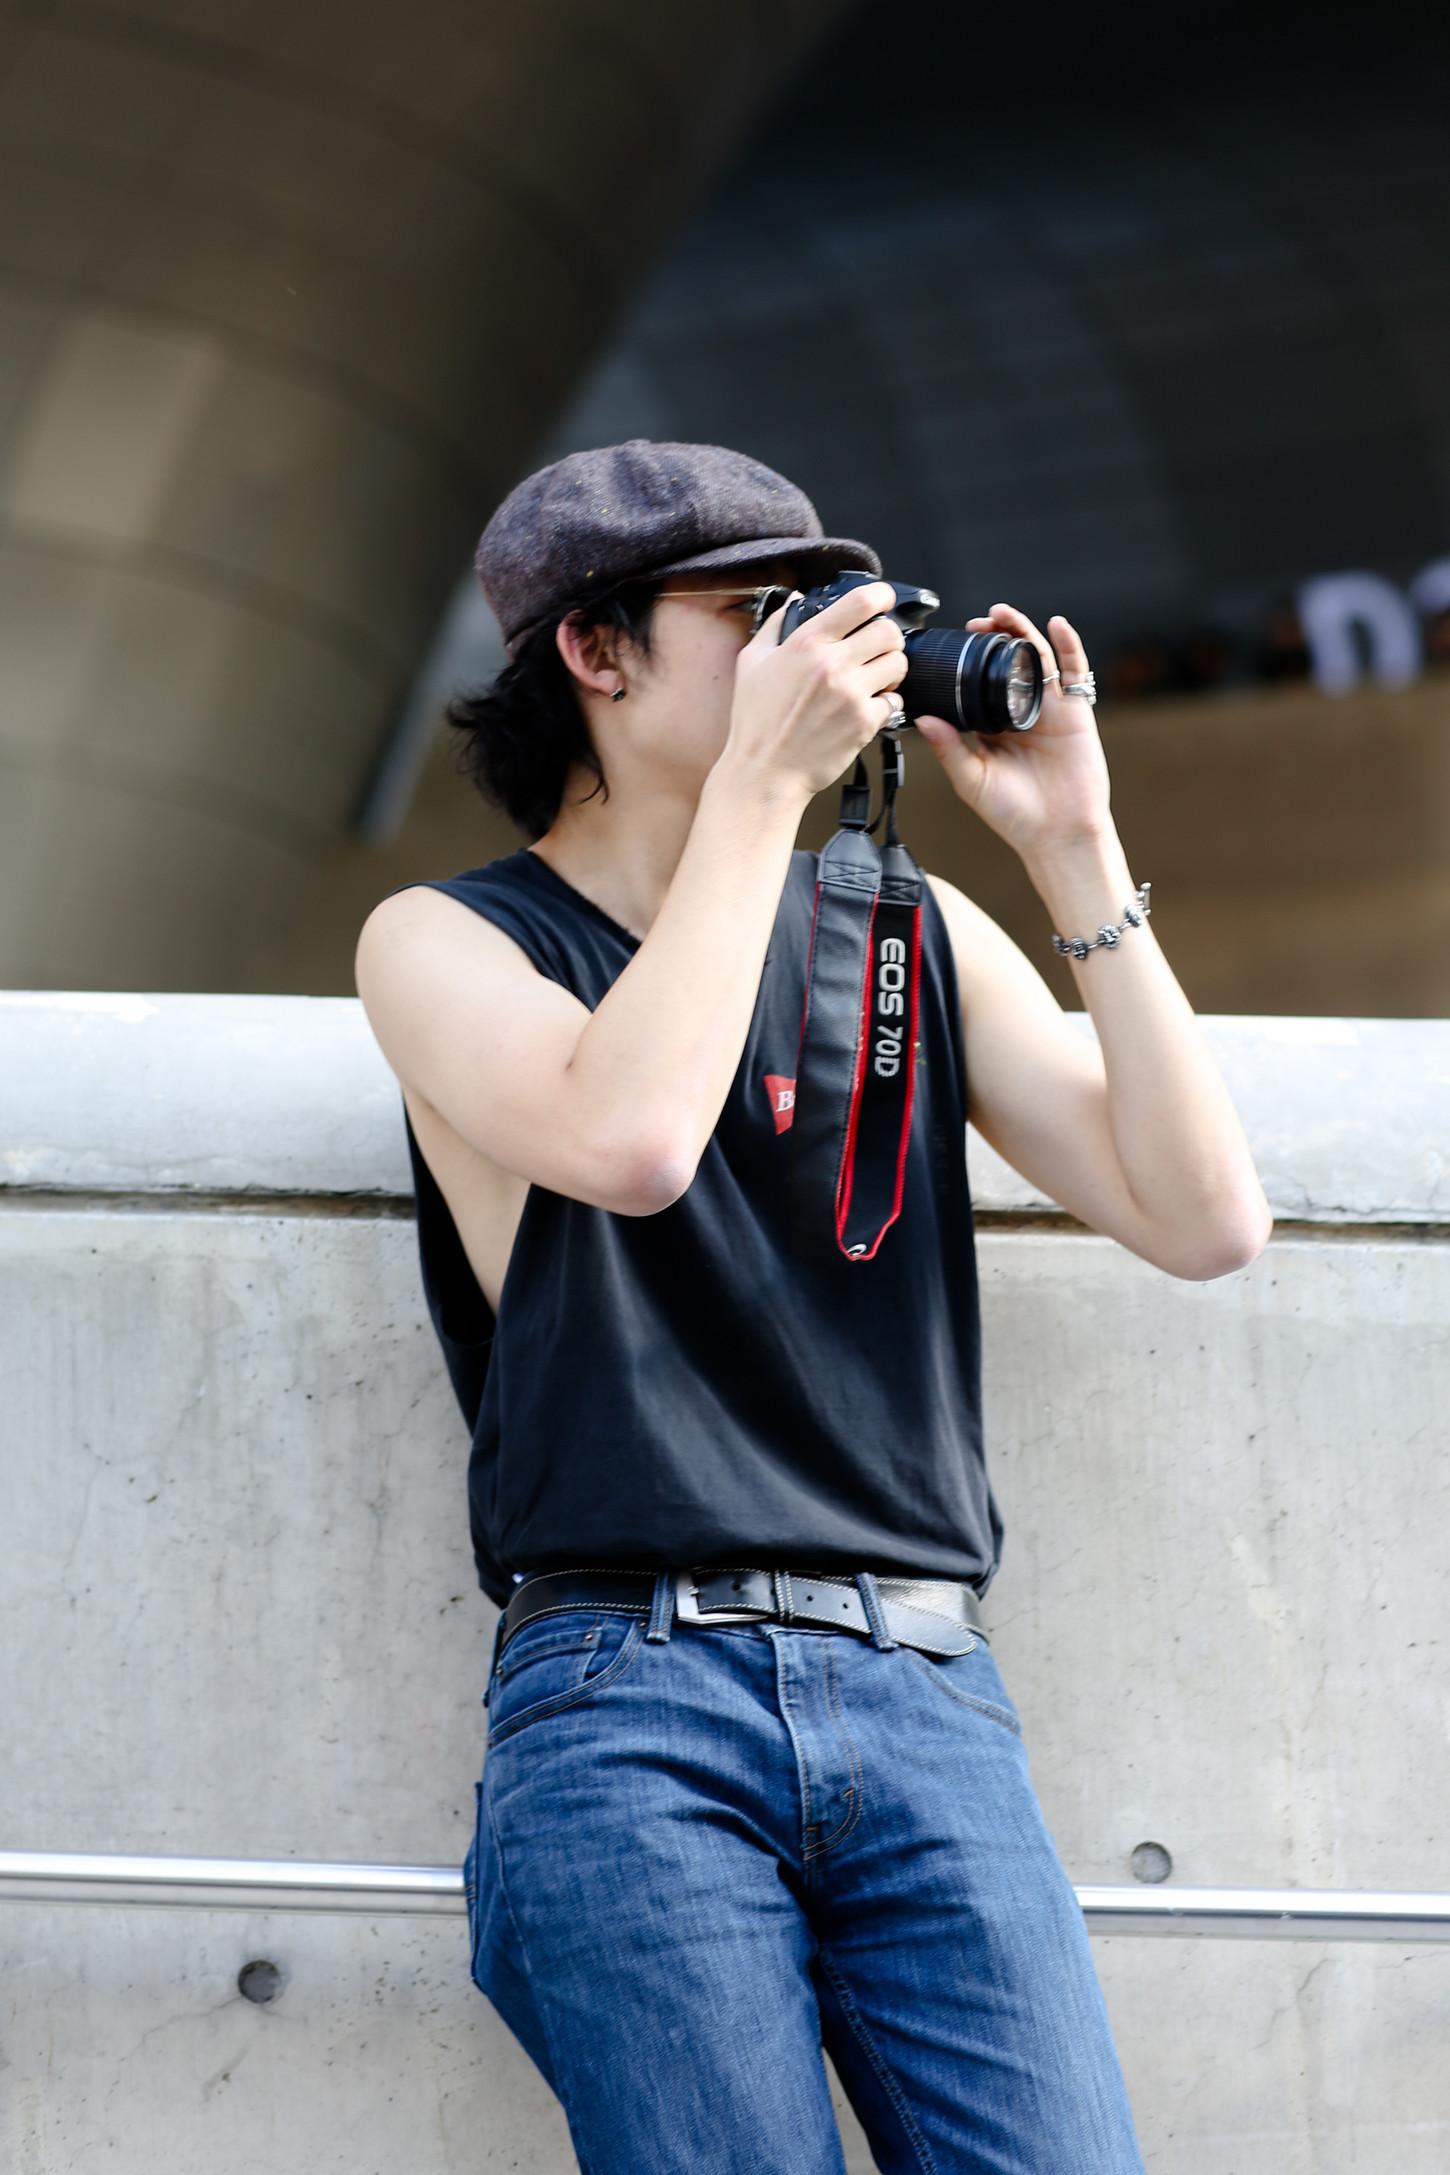 Paul jeong